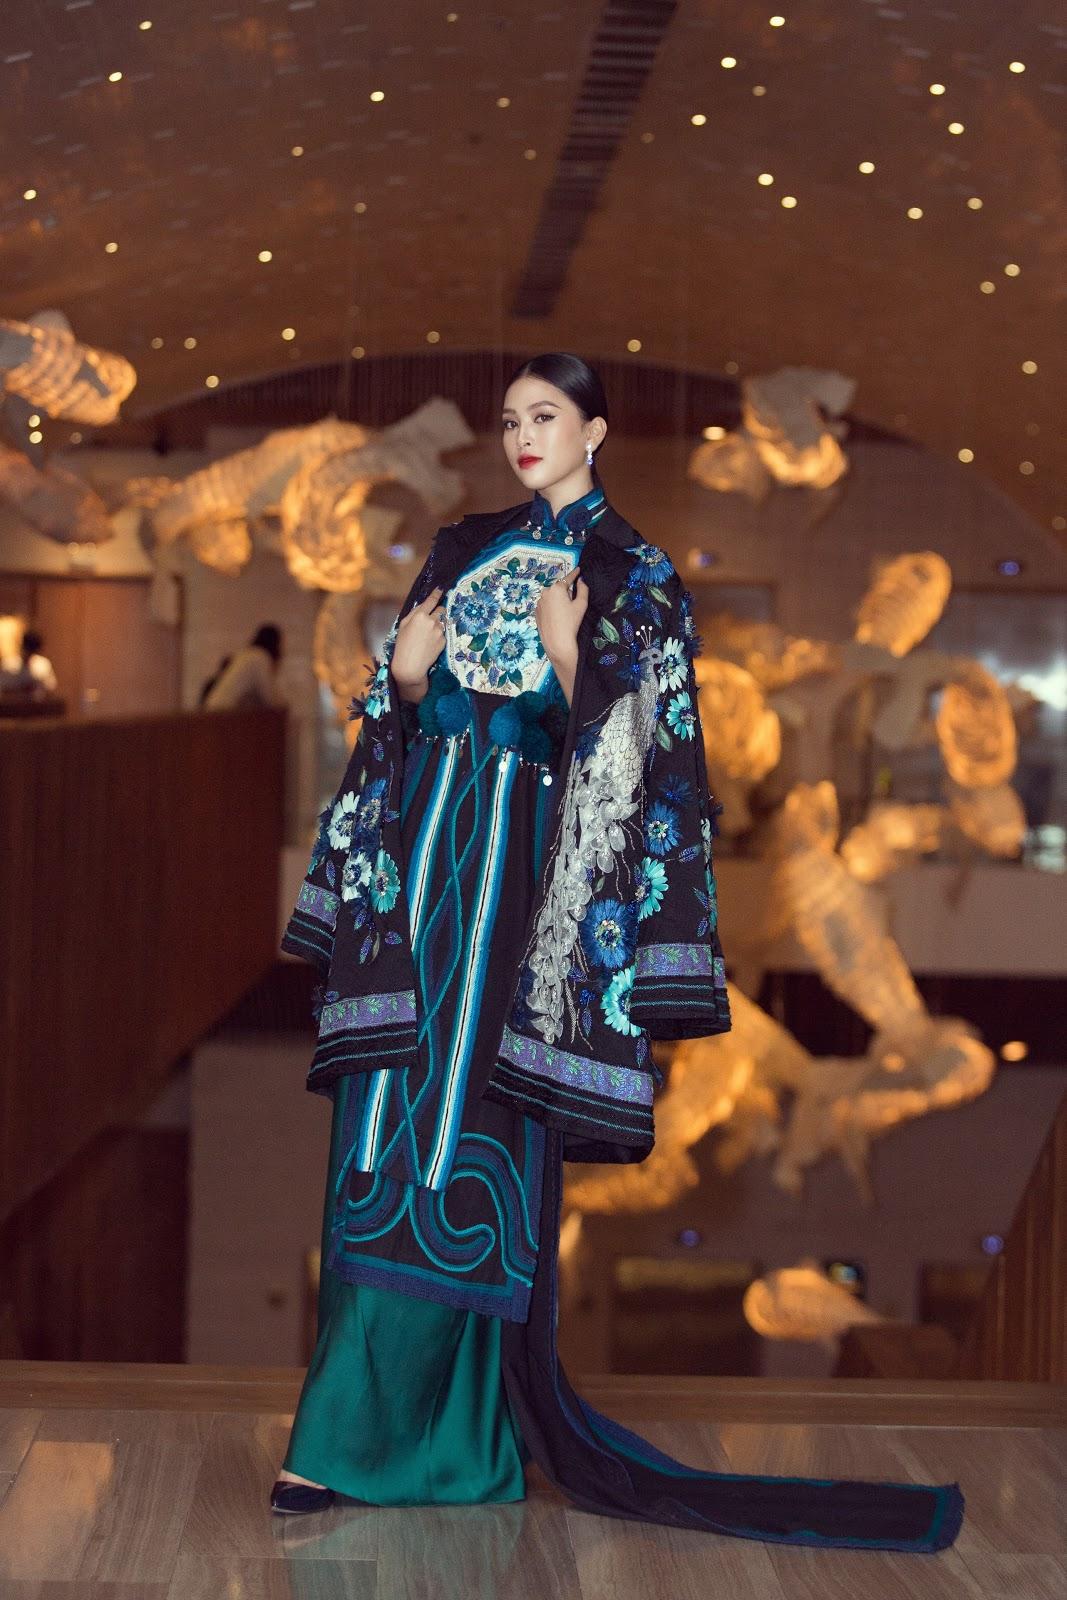 Hoa hậu Tiểu Vy khoe vẻ đẹp truyền thống giữa rừng hoa showbiz - Hình 3